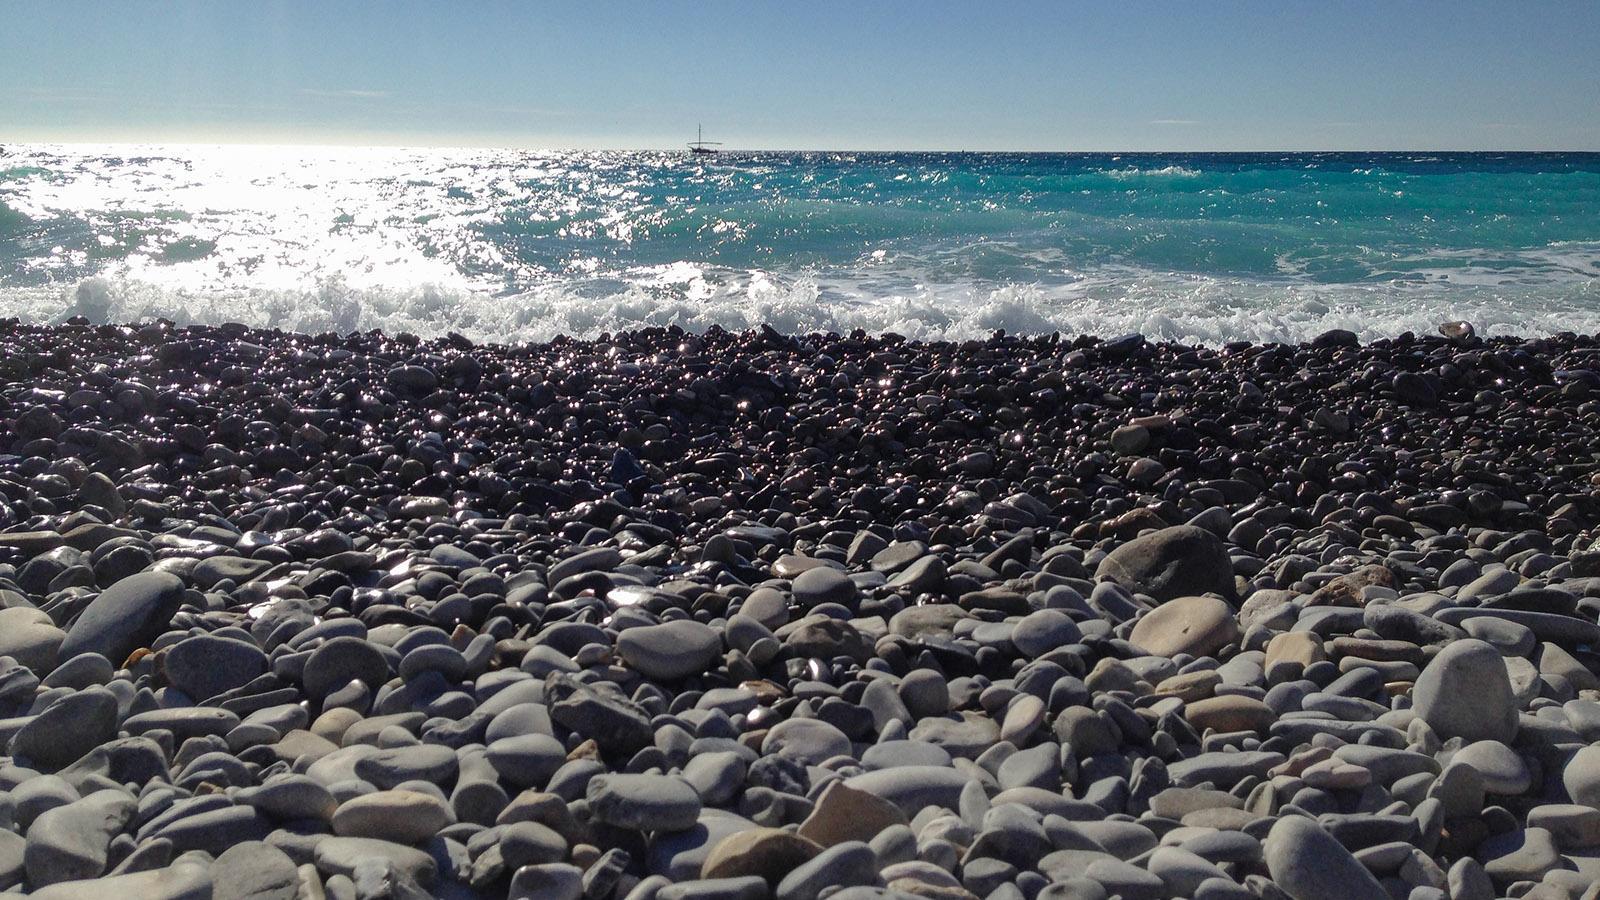 Nizza: Türkisblaues Meer und dunkle Kiesel - die Farben der Engelsbucht. Foto: Hilke Maunder